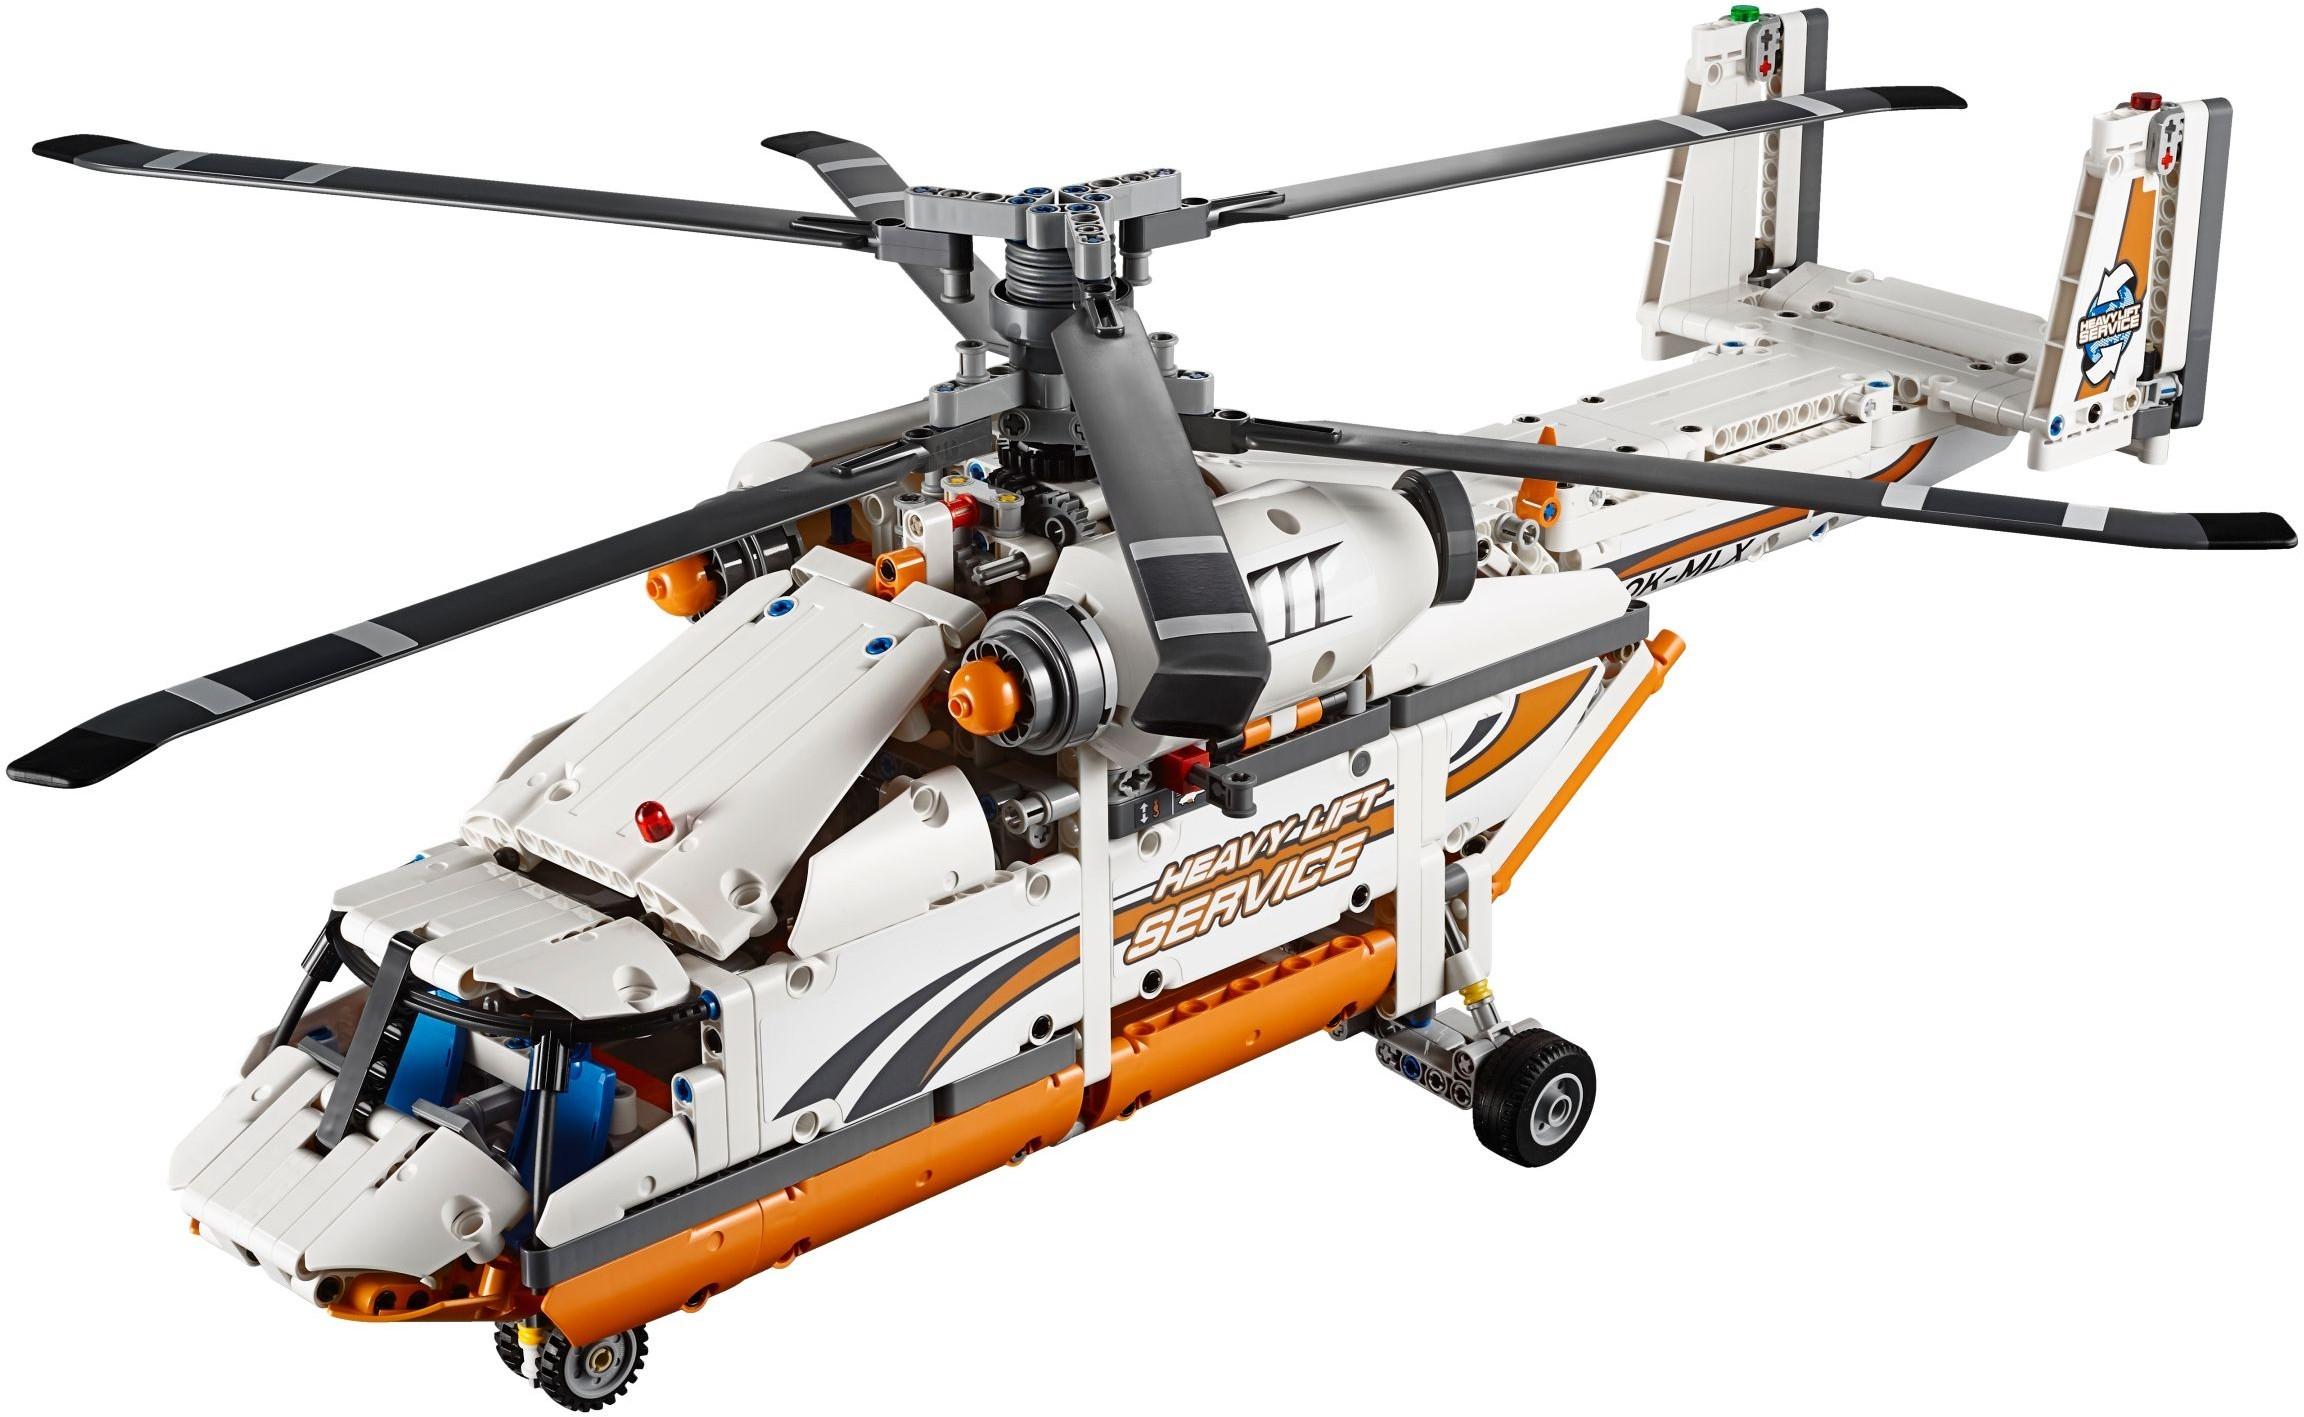 Elicottero Lego Technic : Lego technic pas cher l hélicoptère de transport